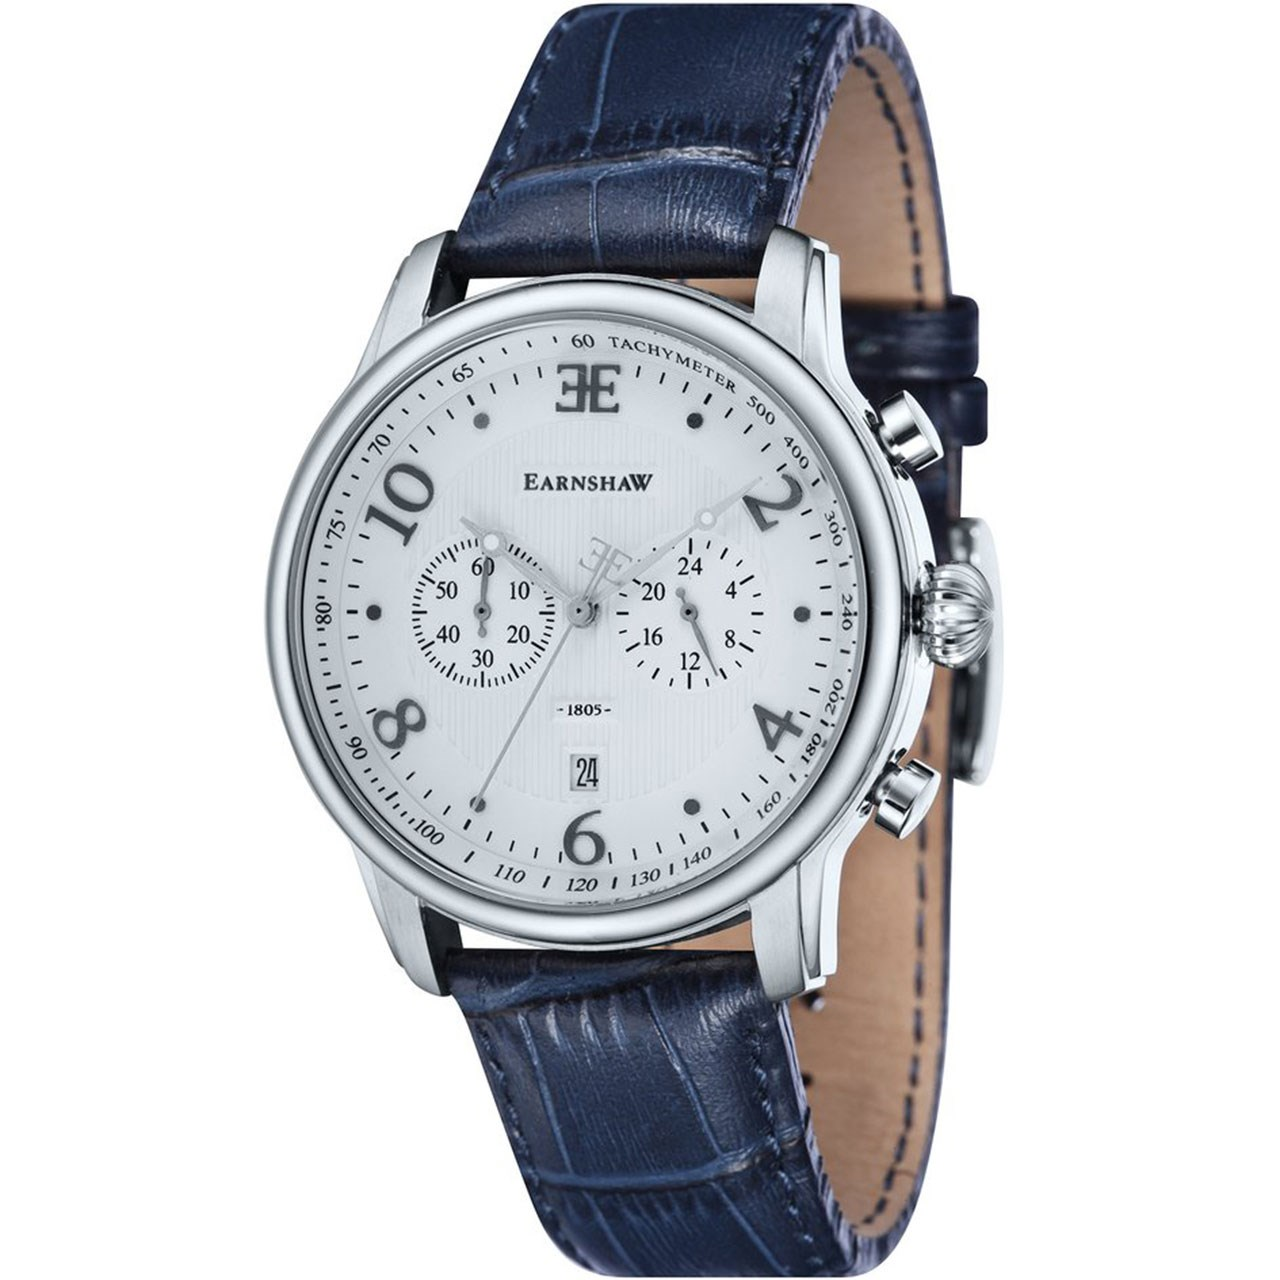 ساعت مچی عقربه ای مردانه ارنشا مدل ES-8058-01 7